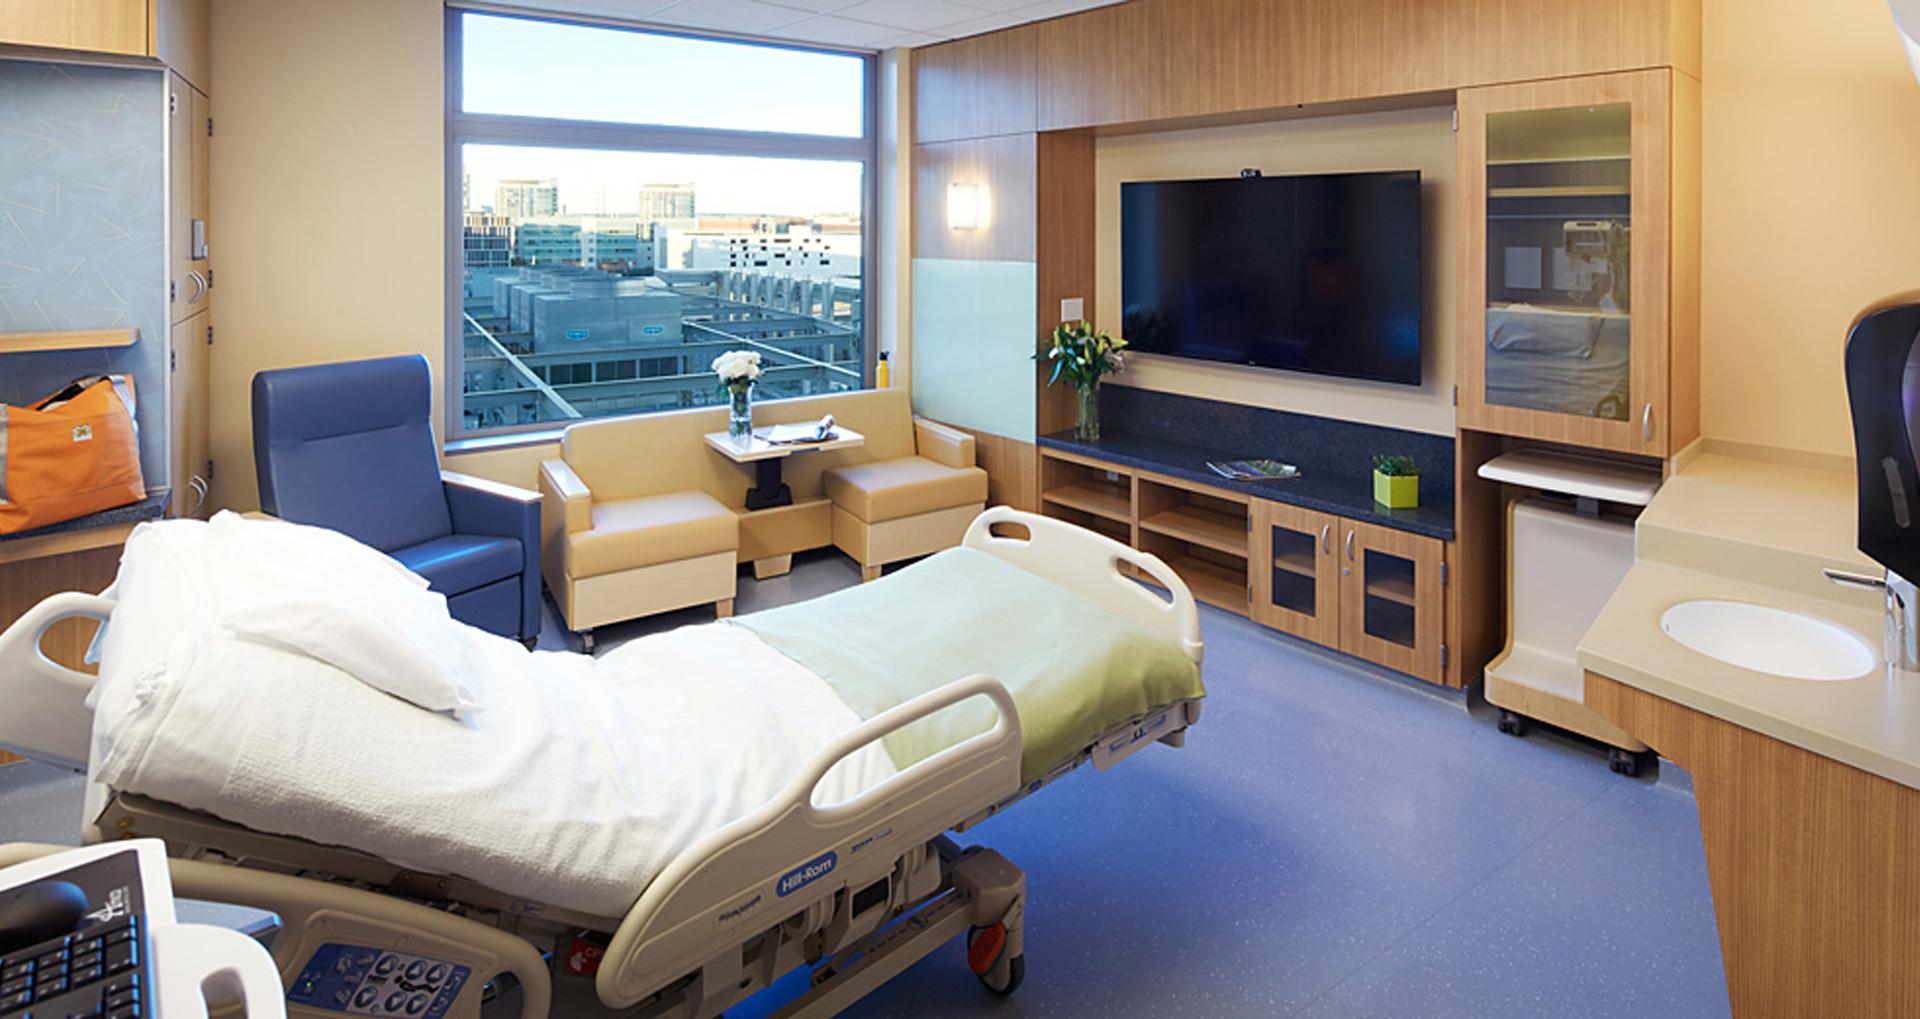 TV's for Medical Solutions   Comsat AV